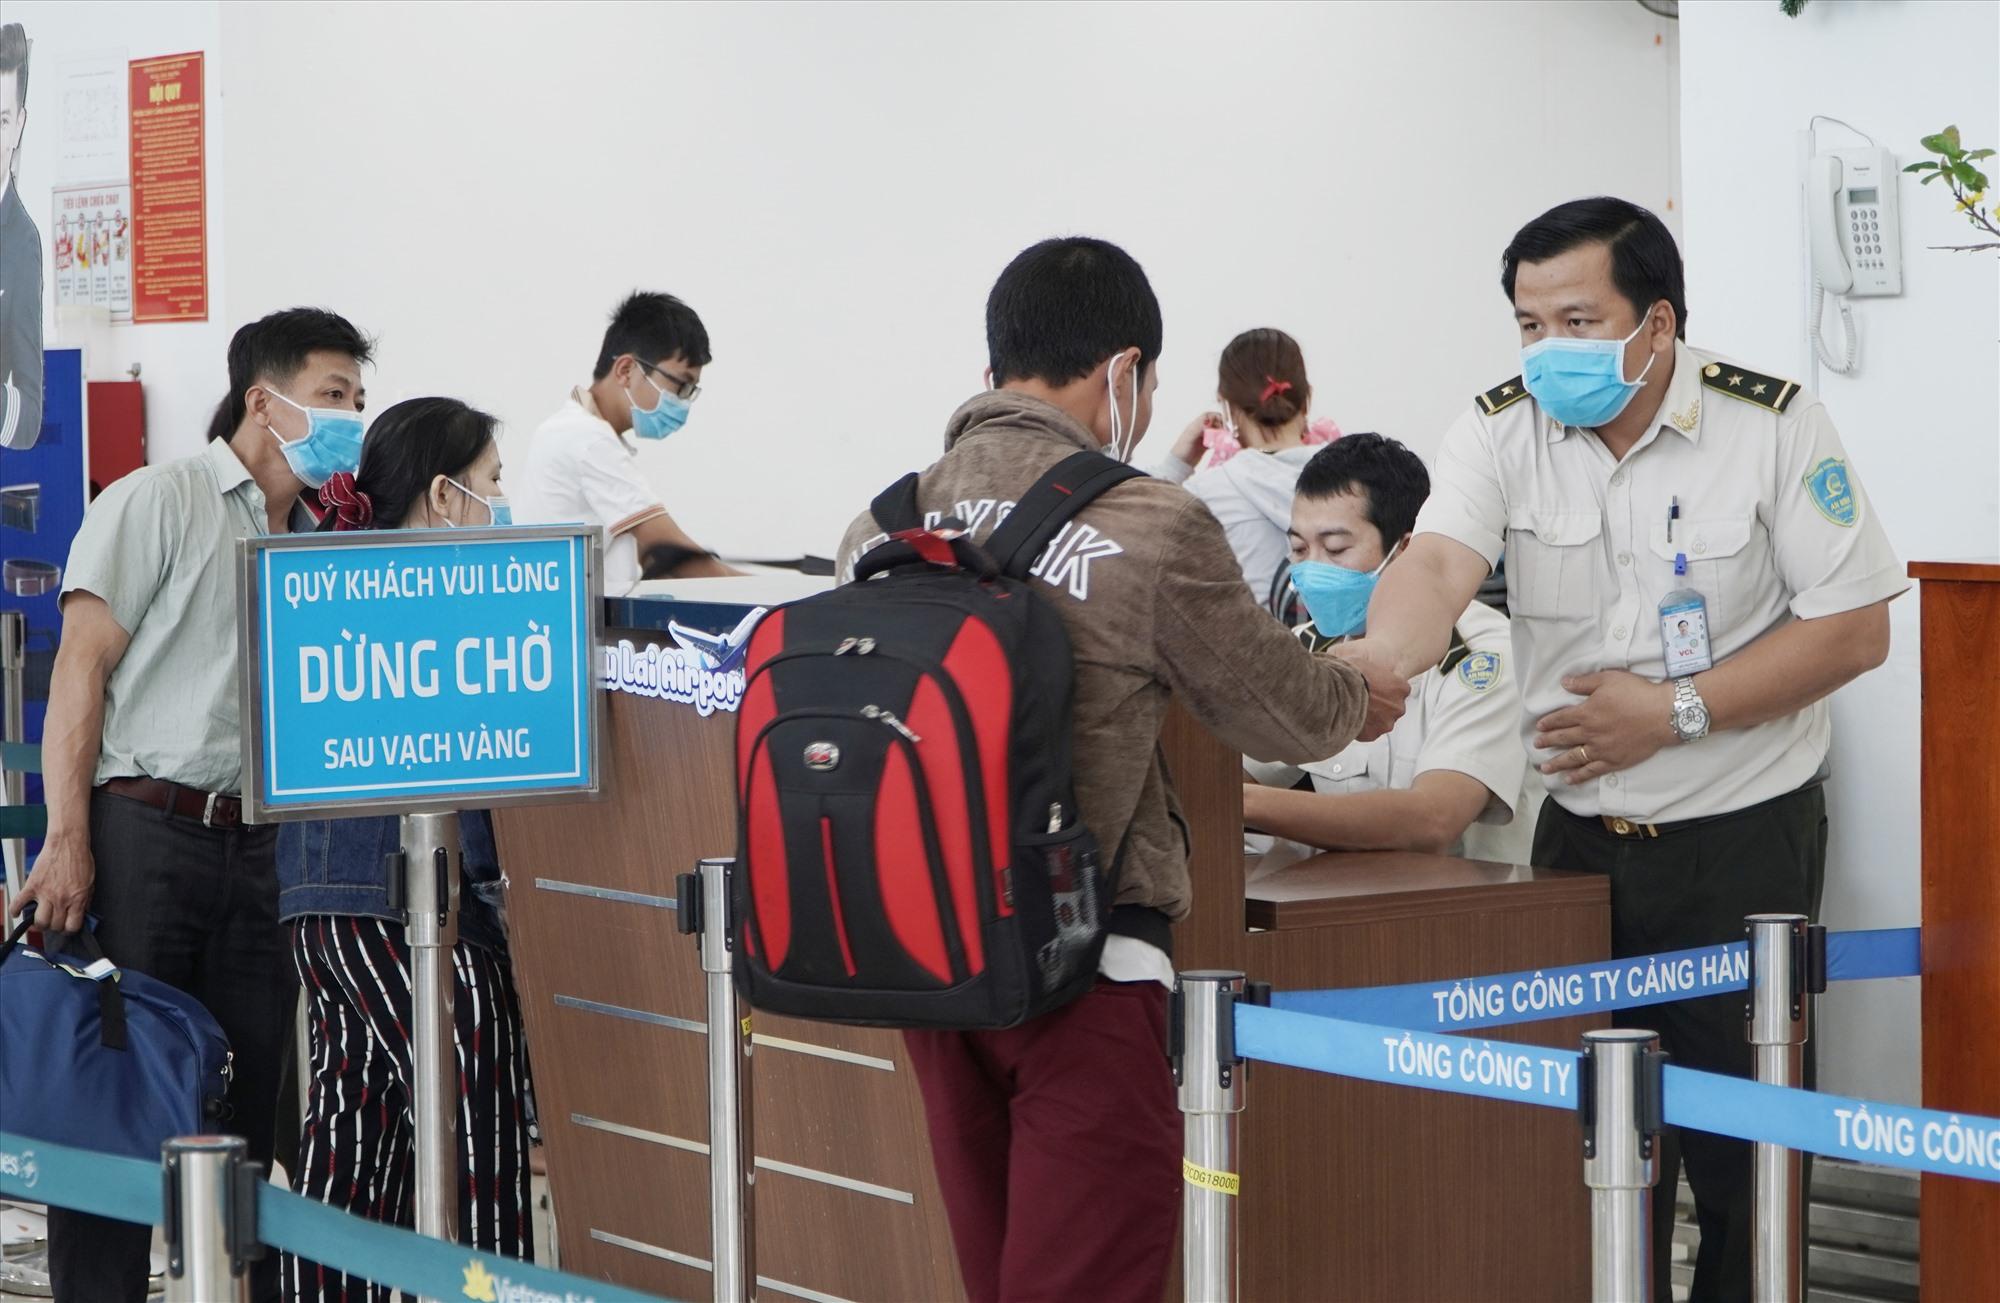 Càng hàng không Chu Lai đang đề xuất được hỗ trợ máy đo thân nhiệt để kịp thời phát hiện và cách ly hành khách nghi nhiễm bệnh. Ảnh: VINH THẮNG